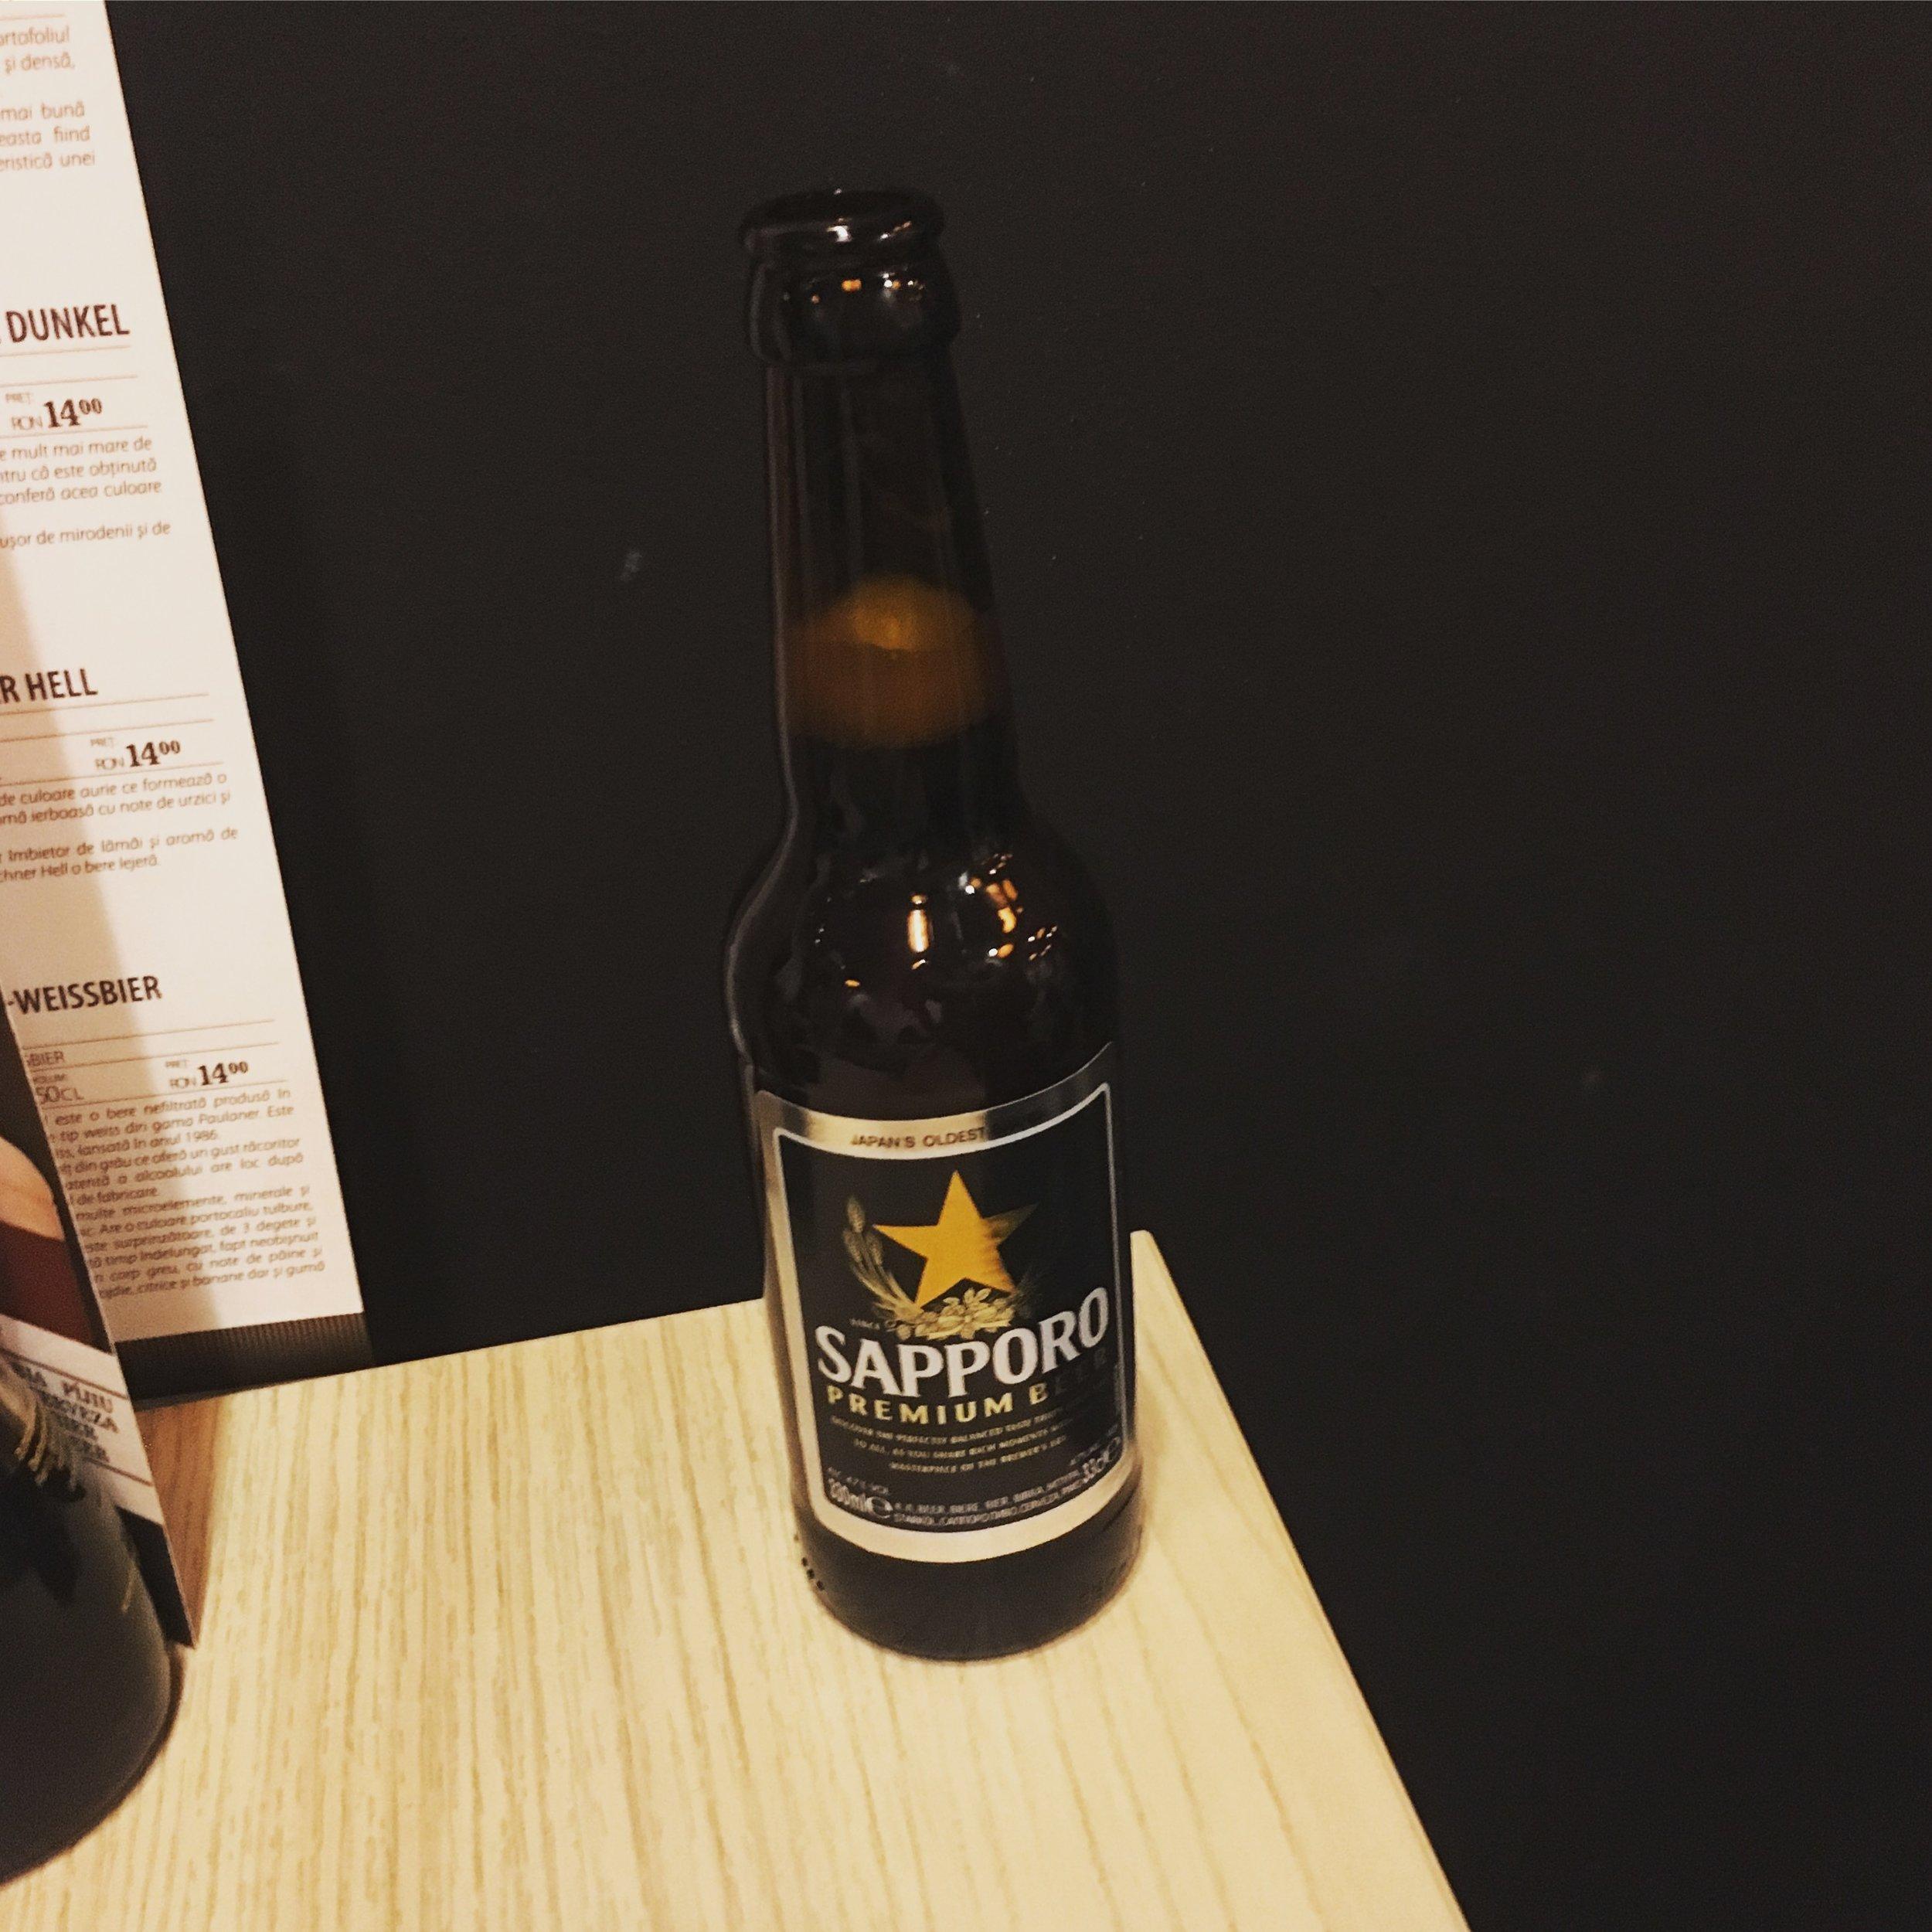 bere japoneză